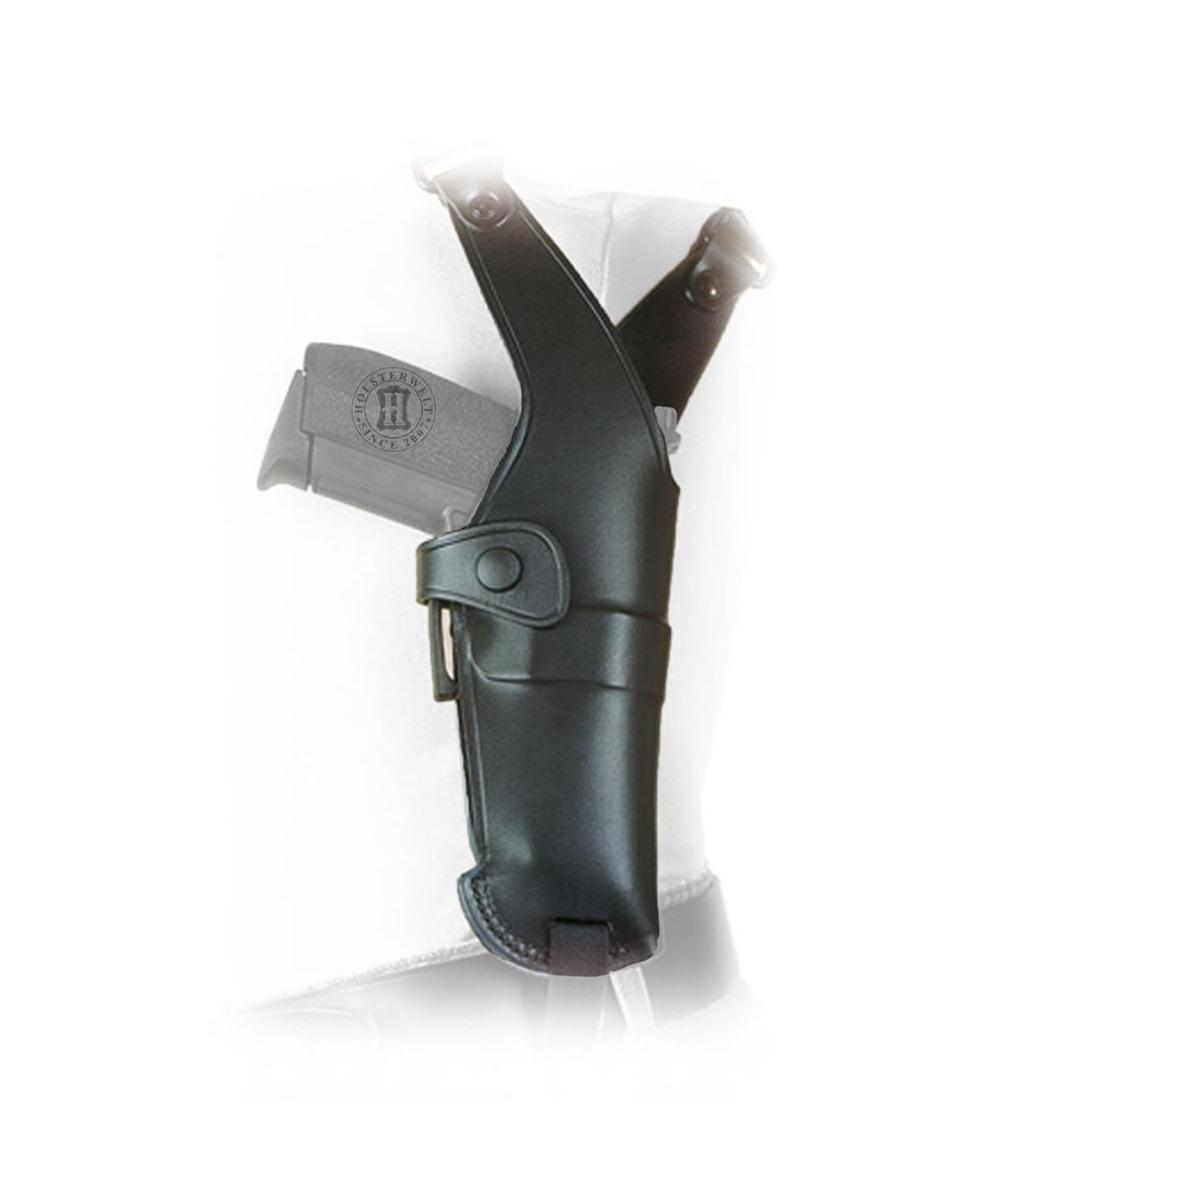 Leder Schulterholster NEW BREAK OUT mit Sicherung